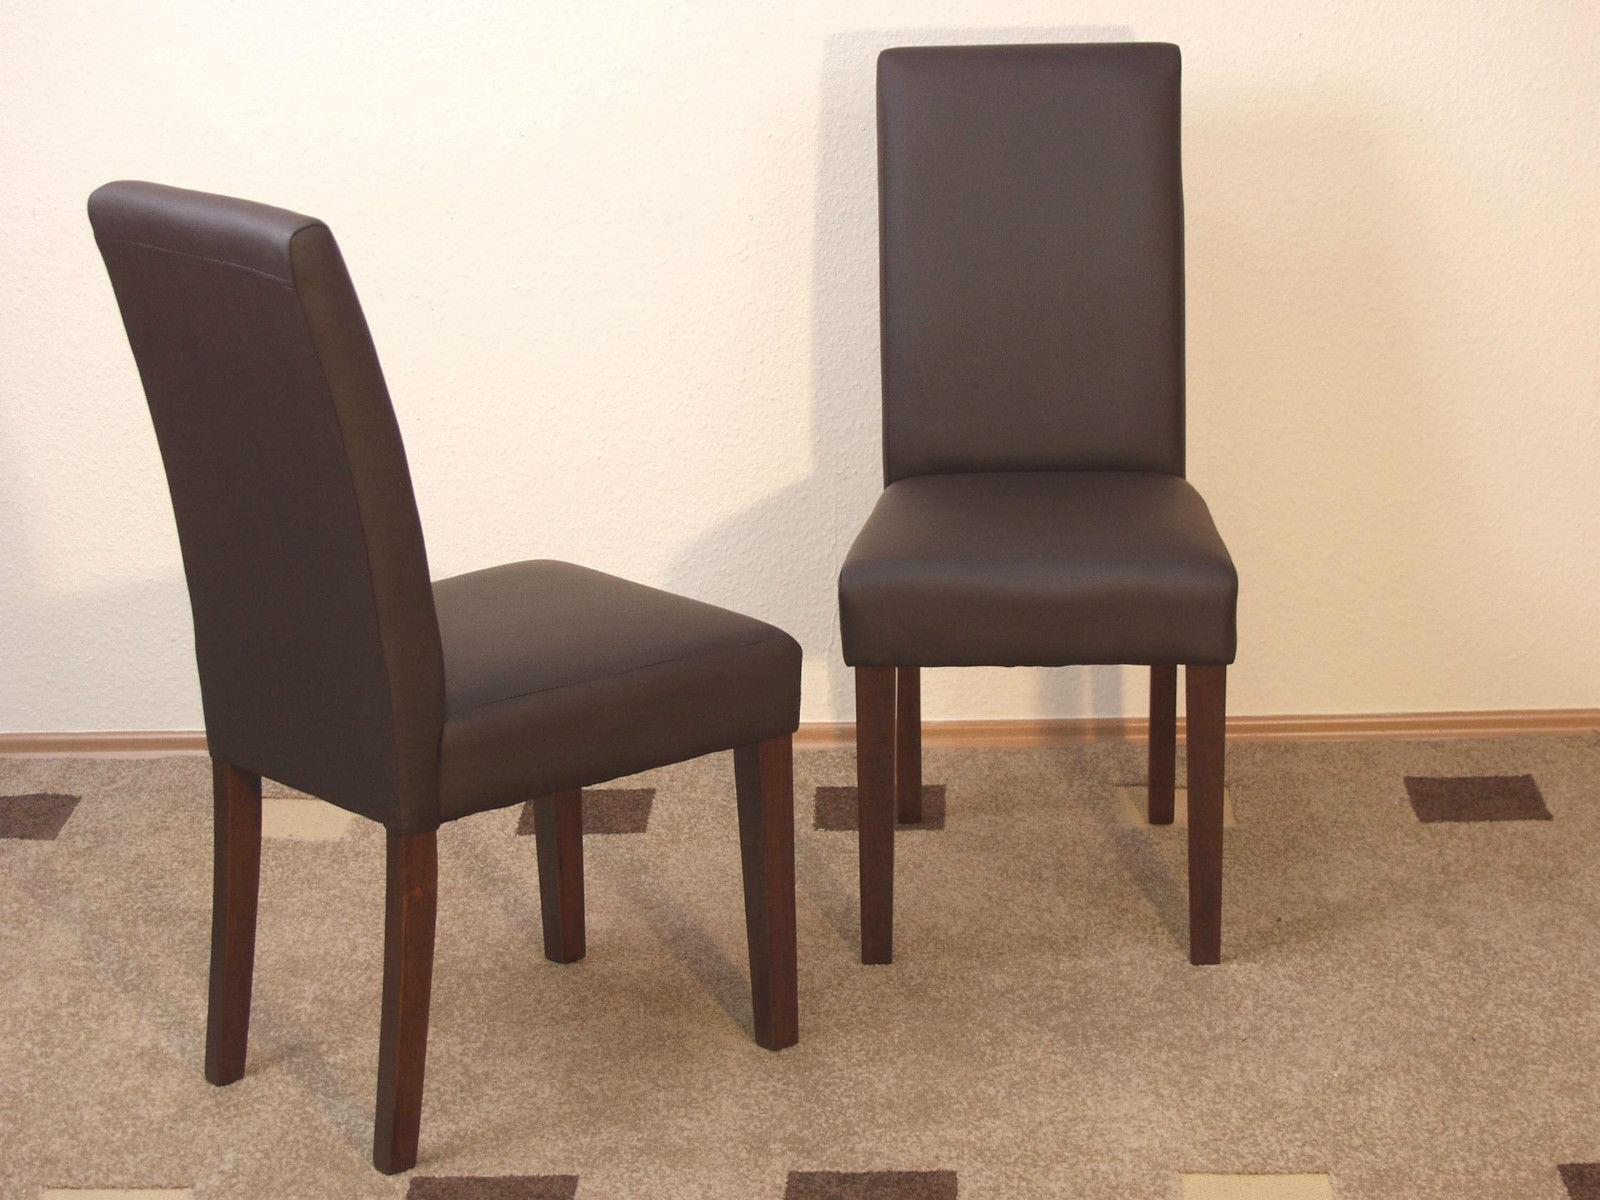 Faszinierend Polster Esszimmerstühle Foto Von Stuhl Stühle 2 Stück Set Polsterstuhl Schwarz